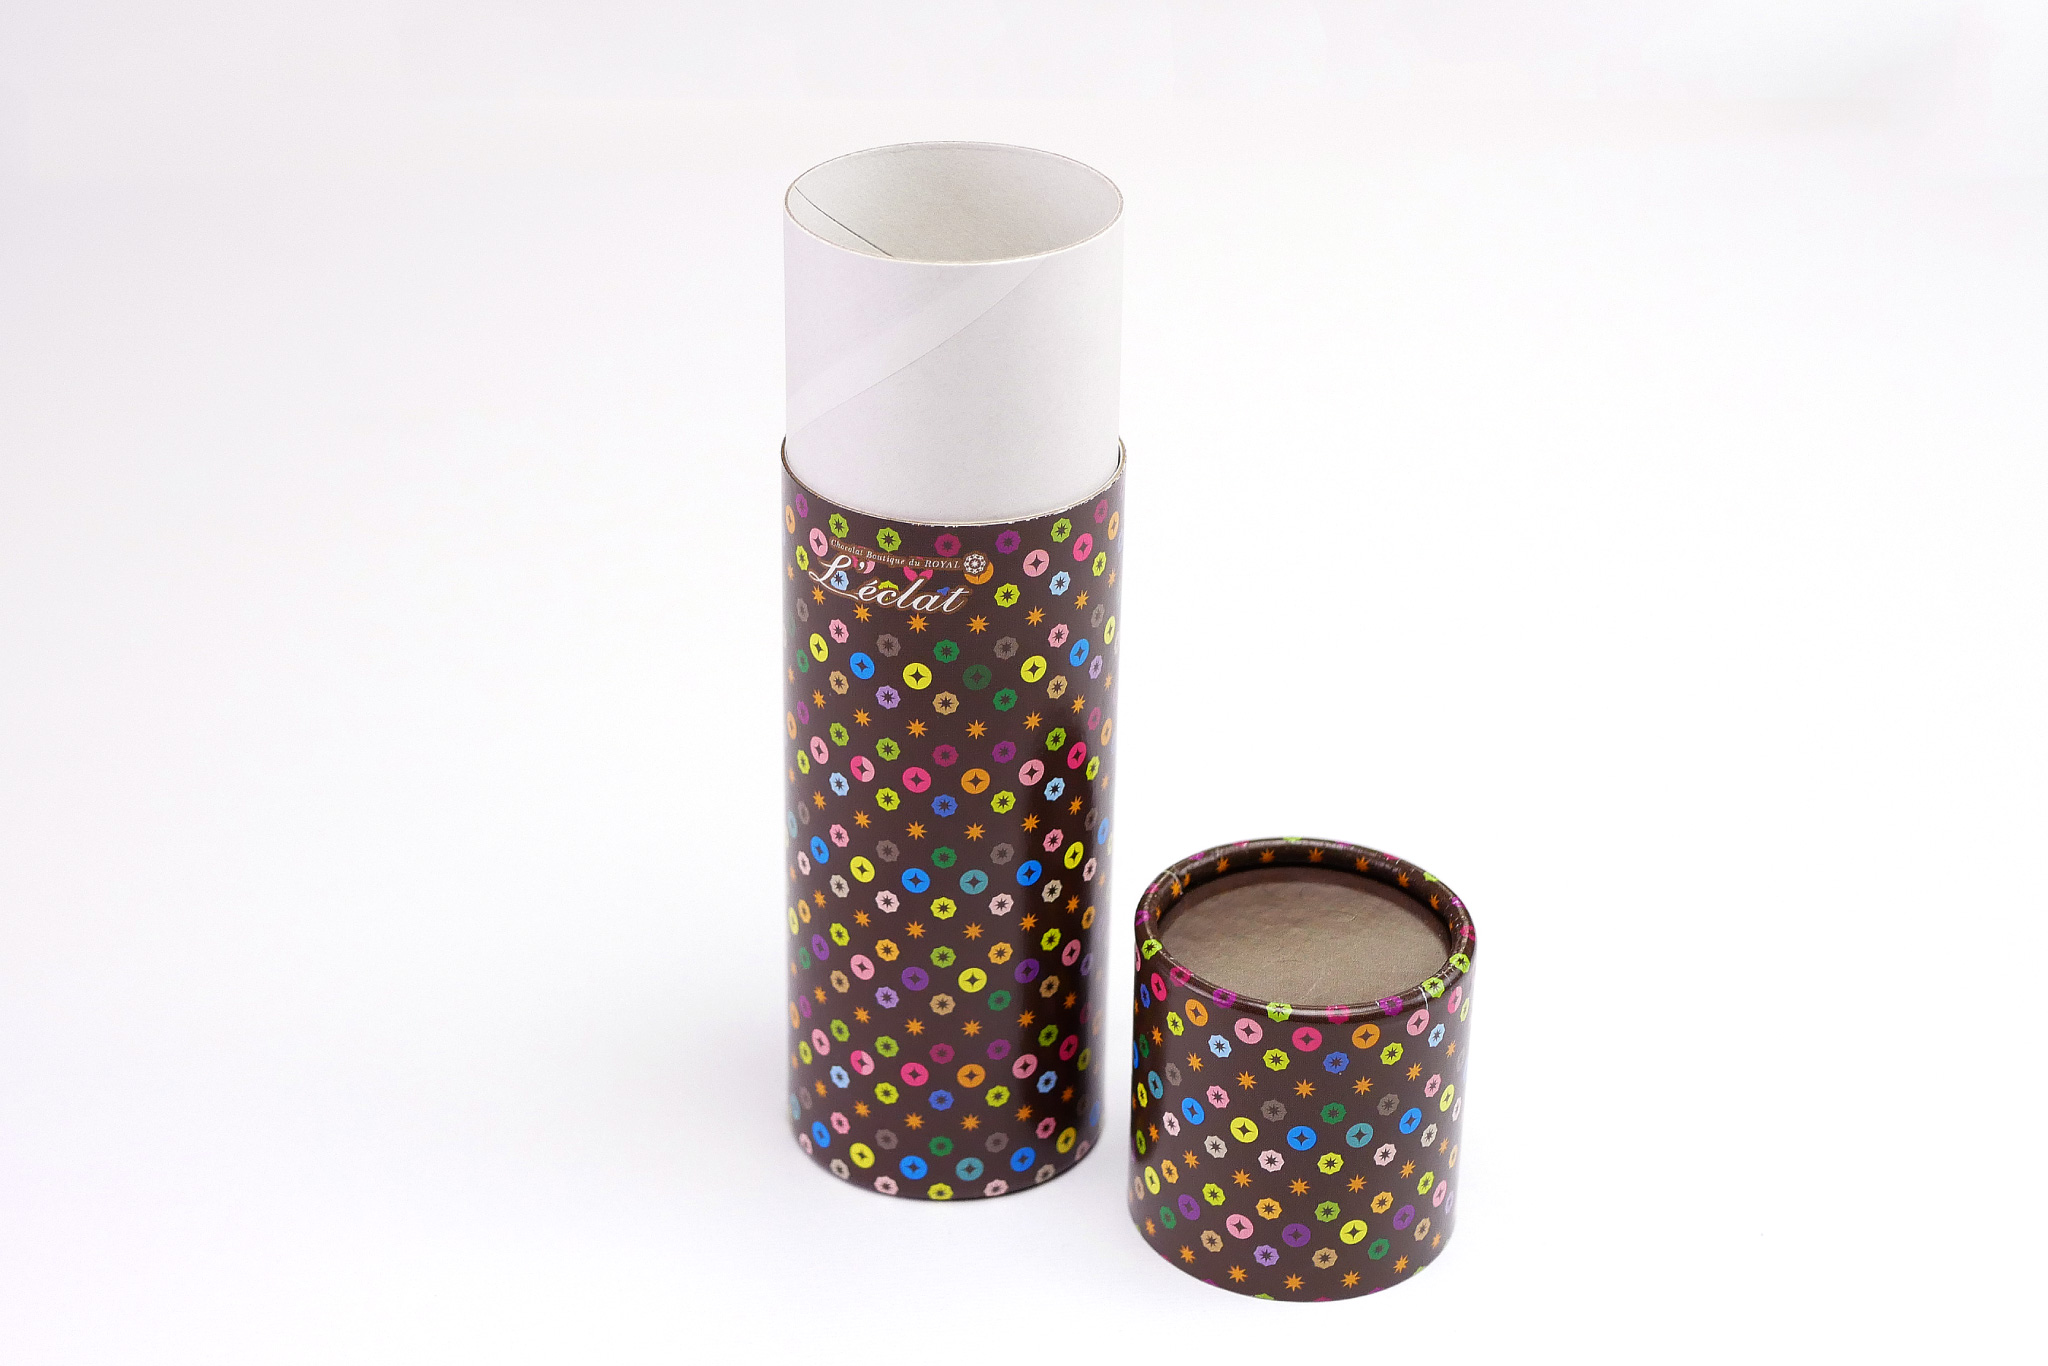 オリジナルパッケージ|紙管|バレンタイン|チョコレート